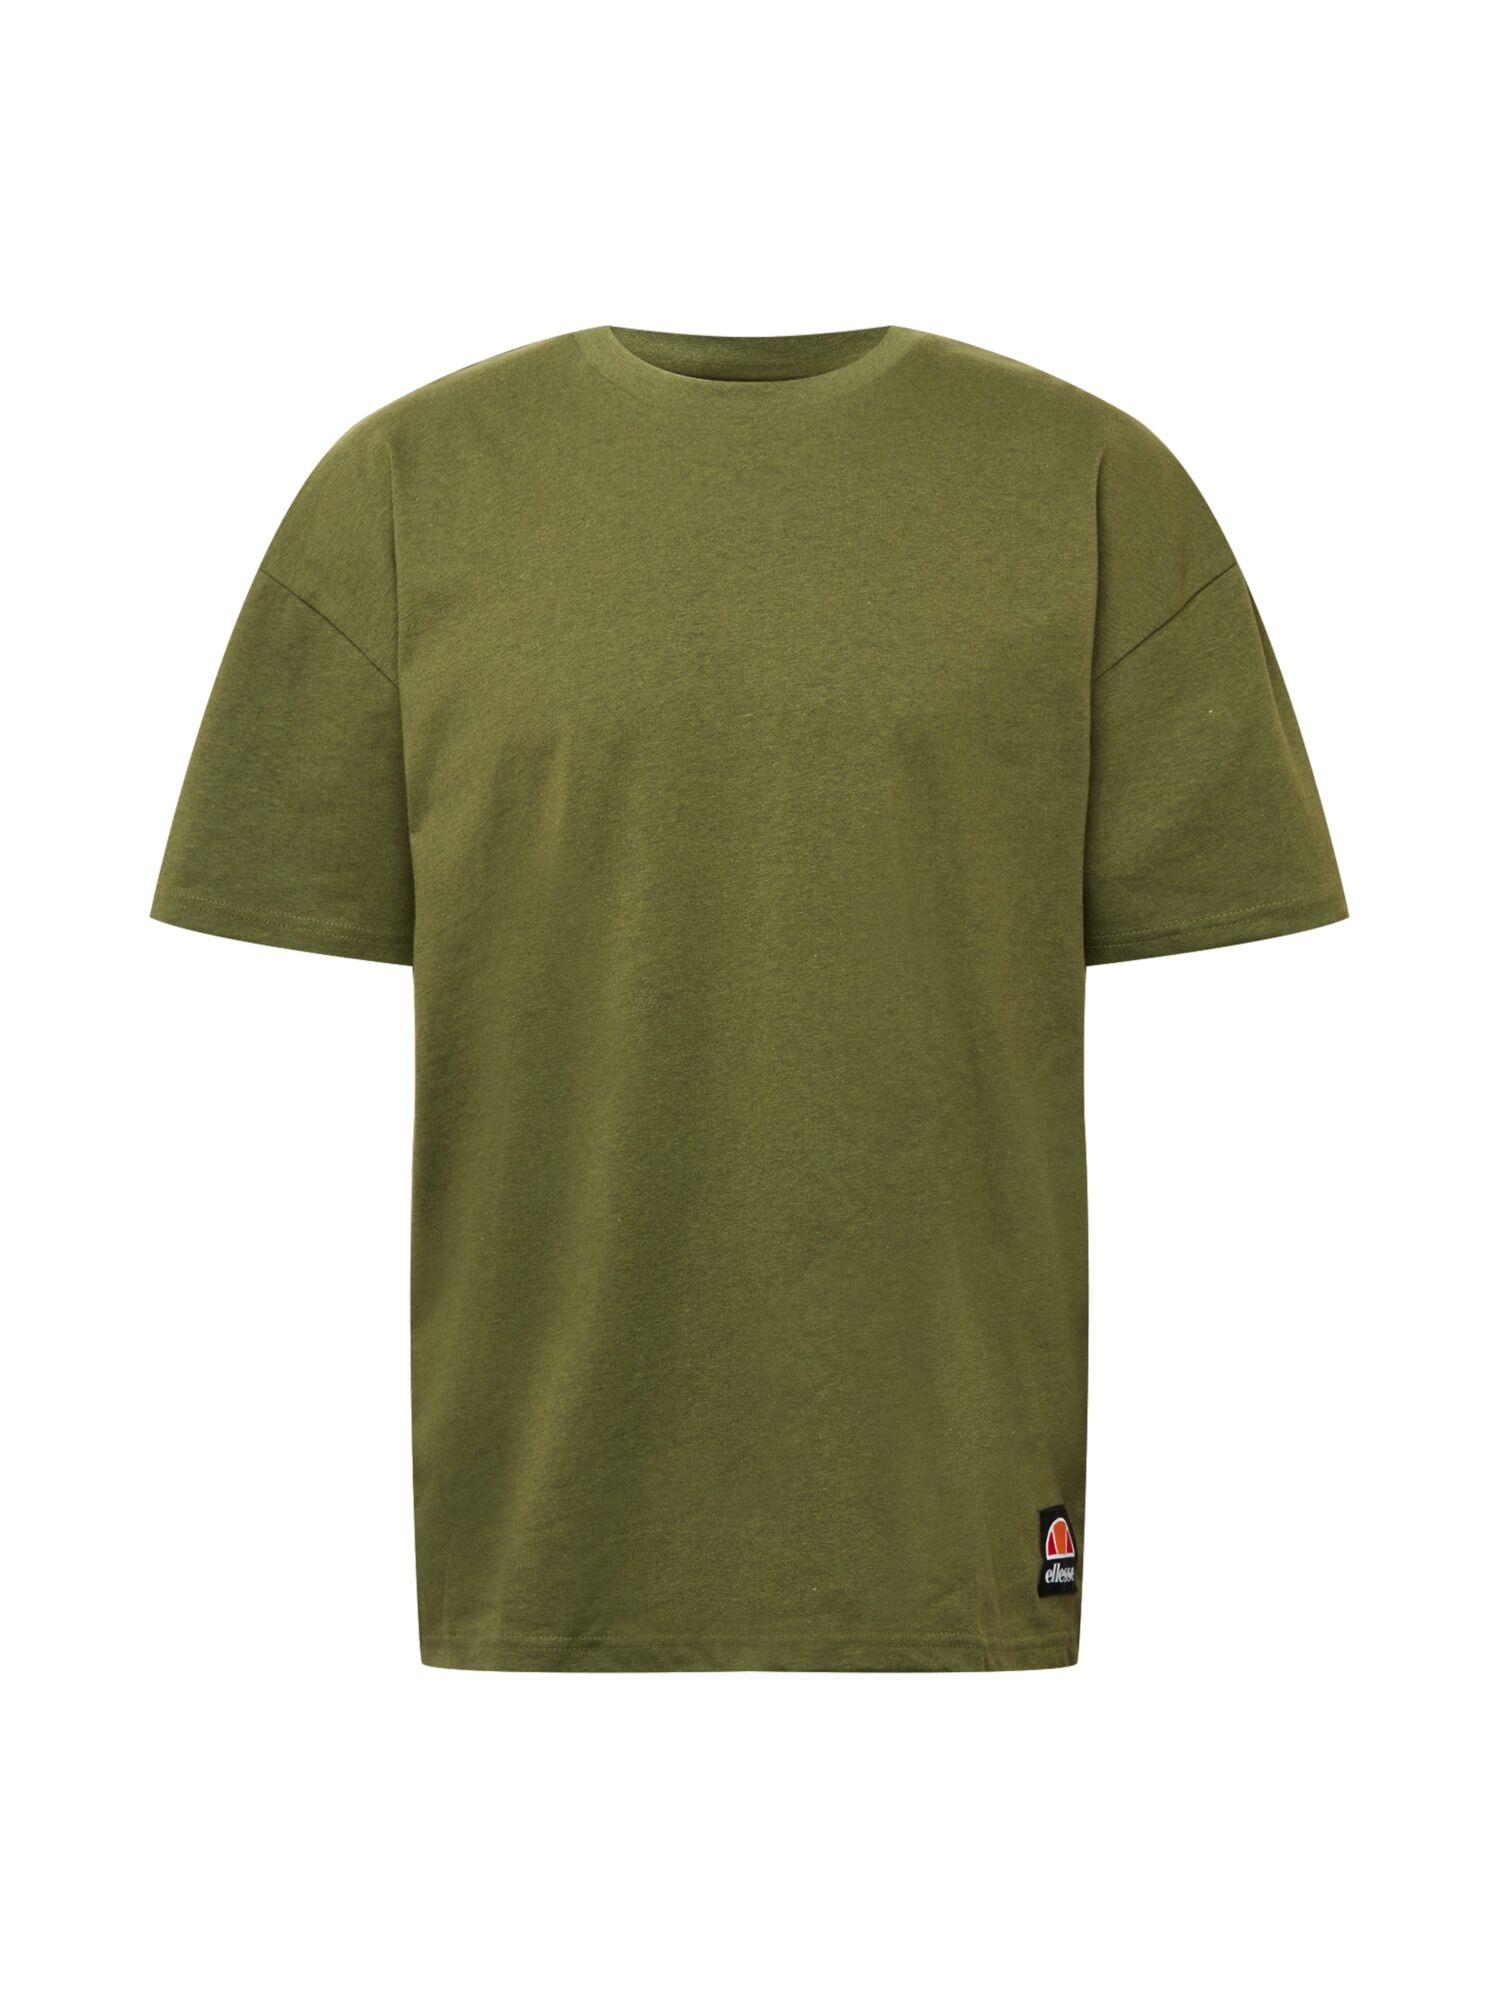 ELLESSE T-Shirt 'Avis'  - Vert - Taille: M - male